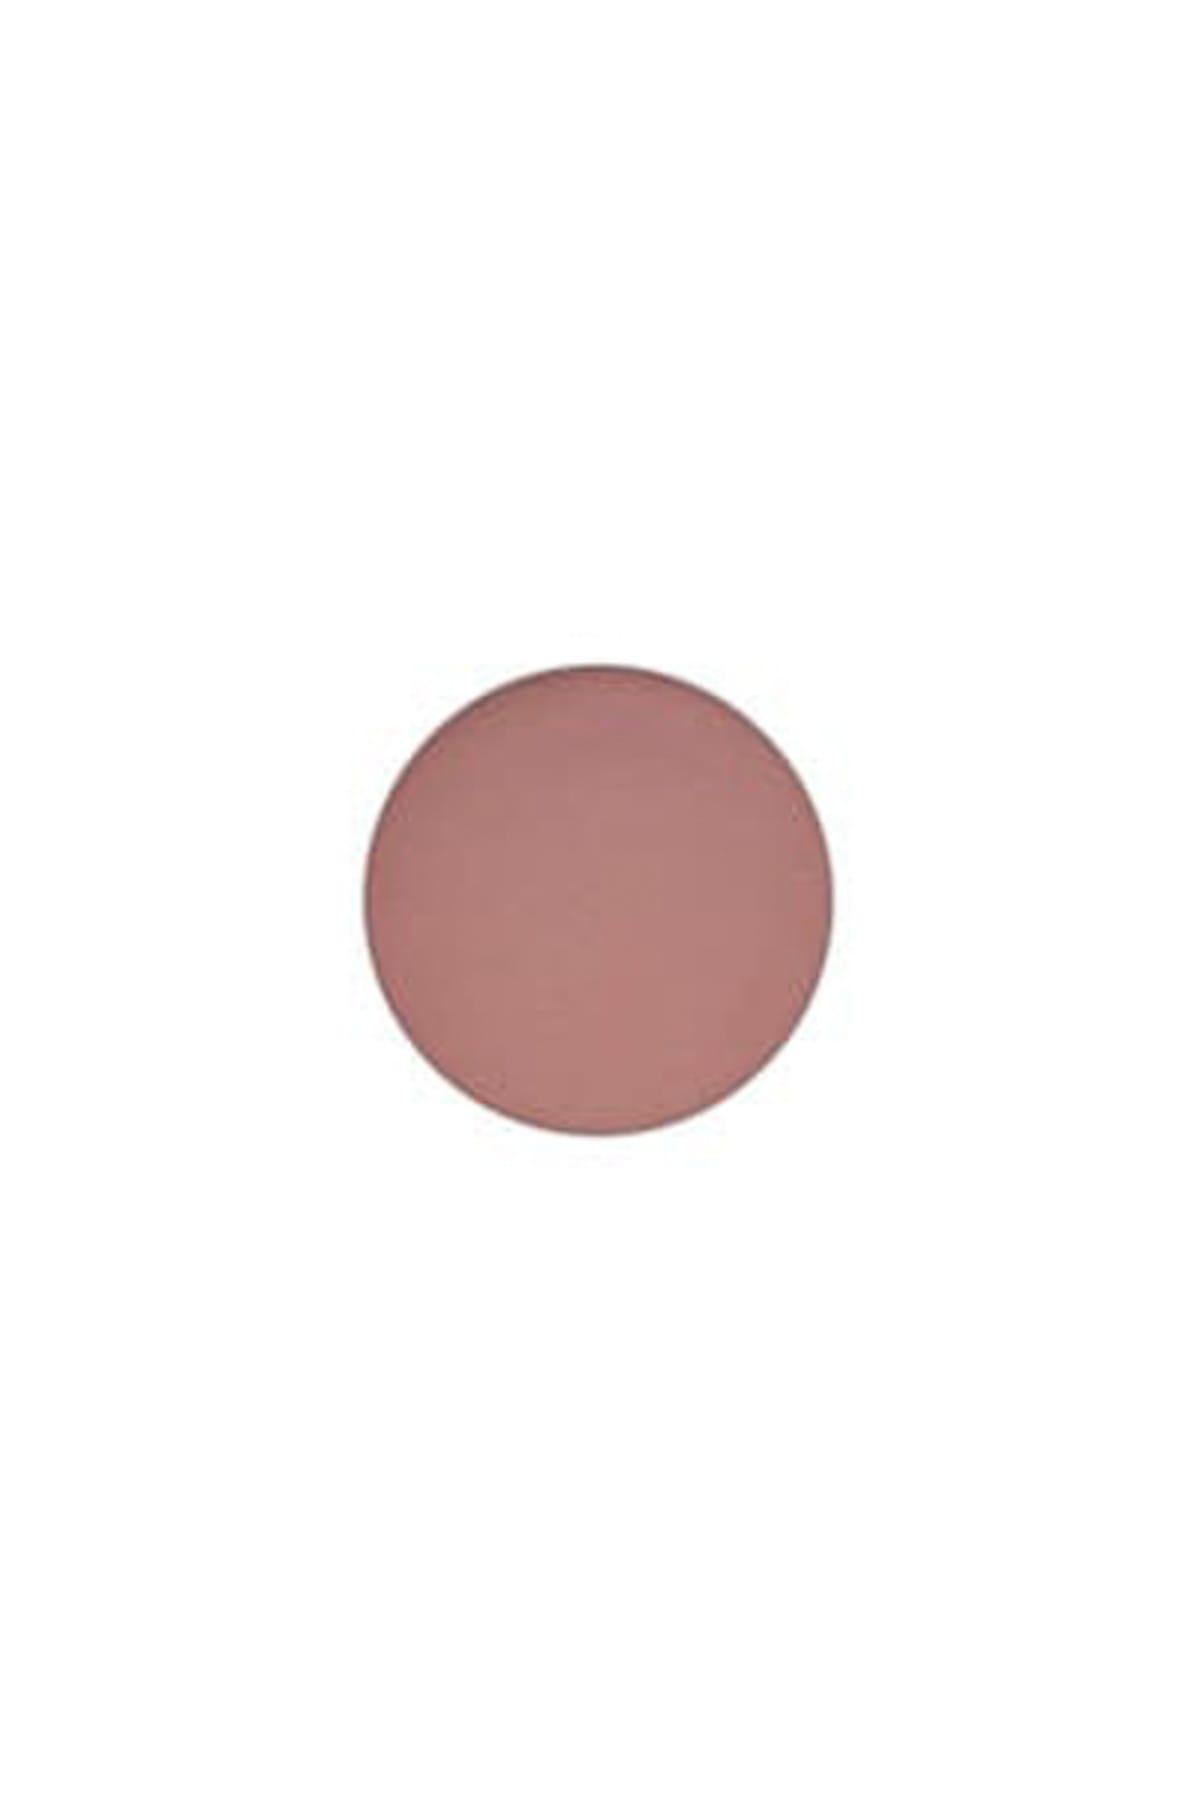 Göz Farı - Refill Far Swiss Chocolate 1.5 g 773602966844